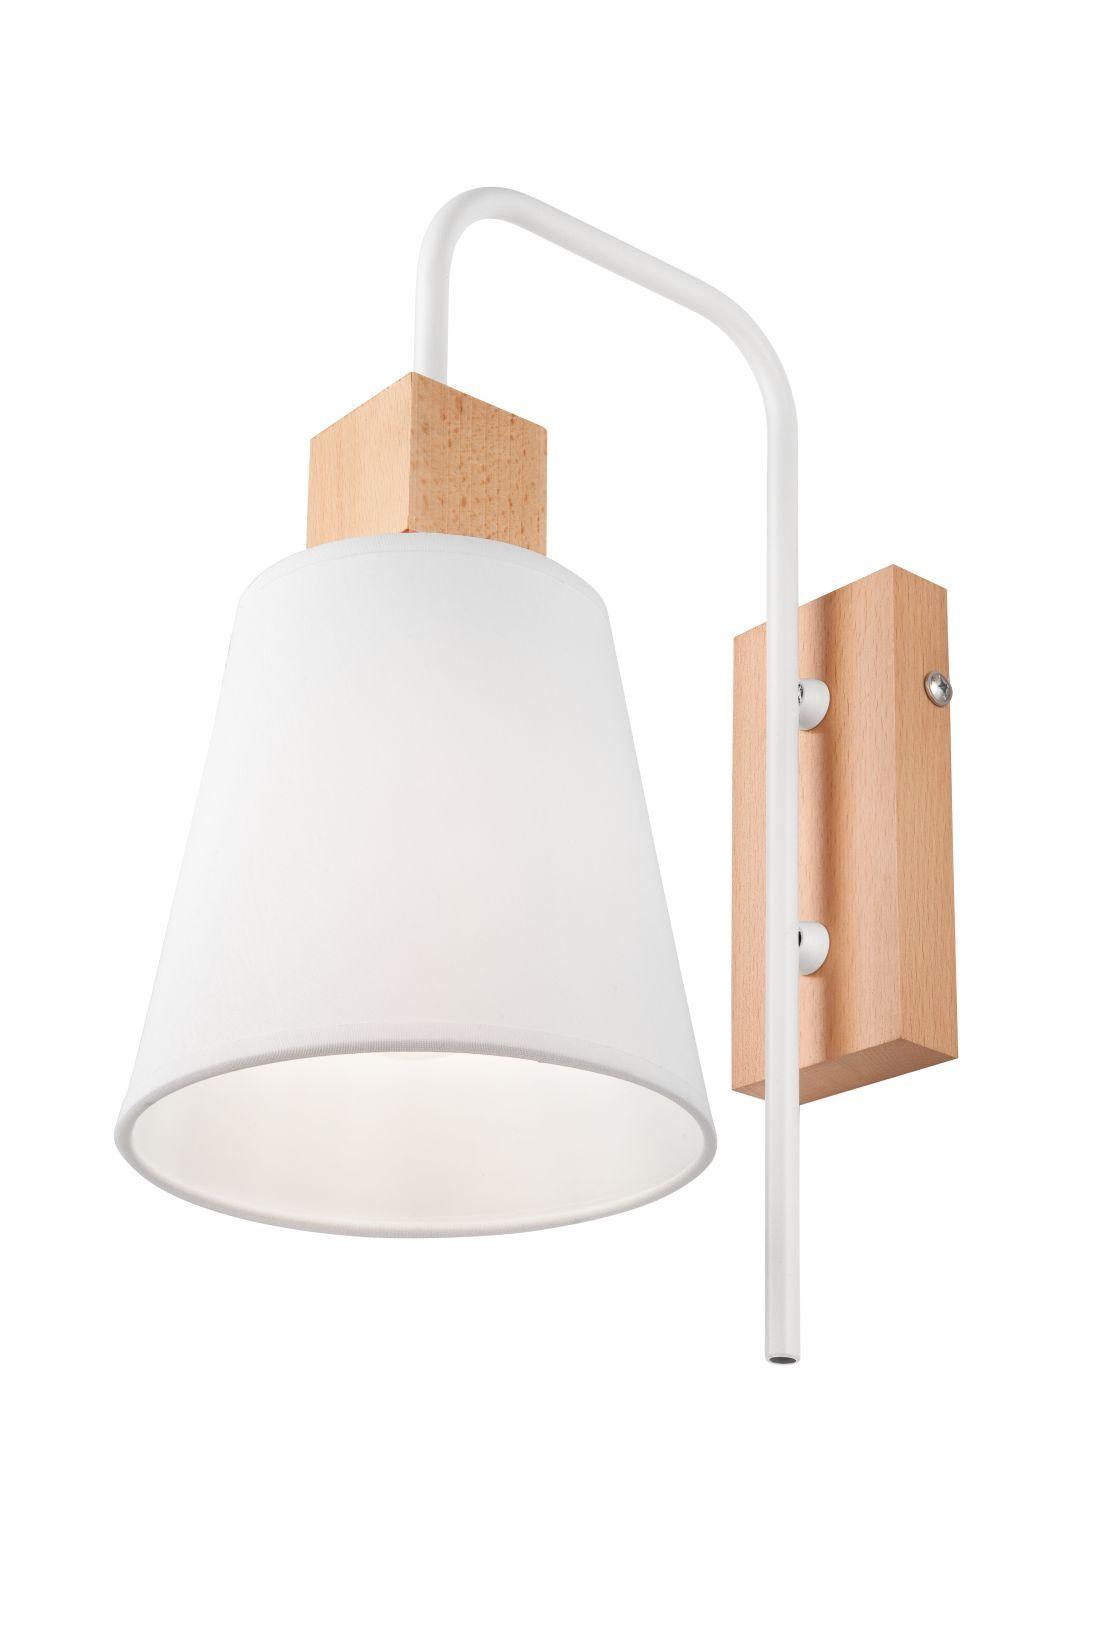 Wandlampe Schirm Weiß Holz Skandinavisch REILLY